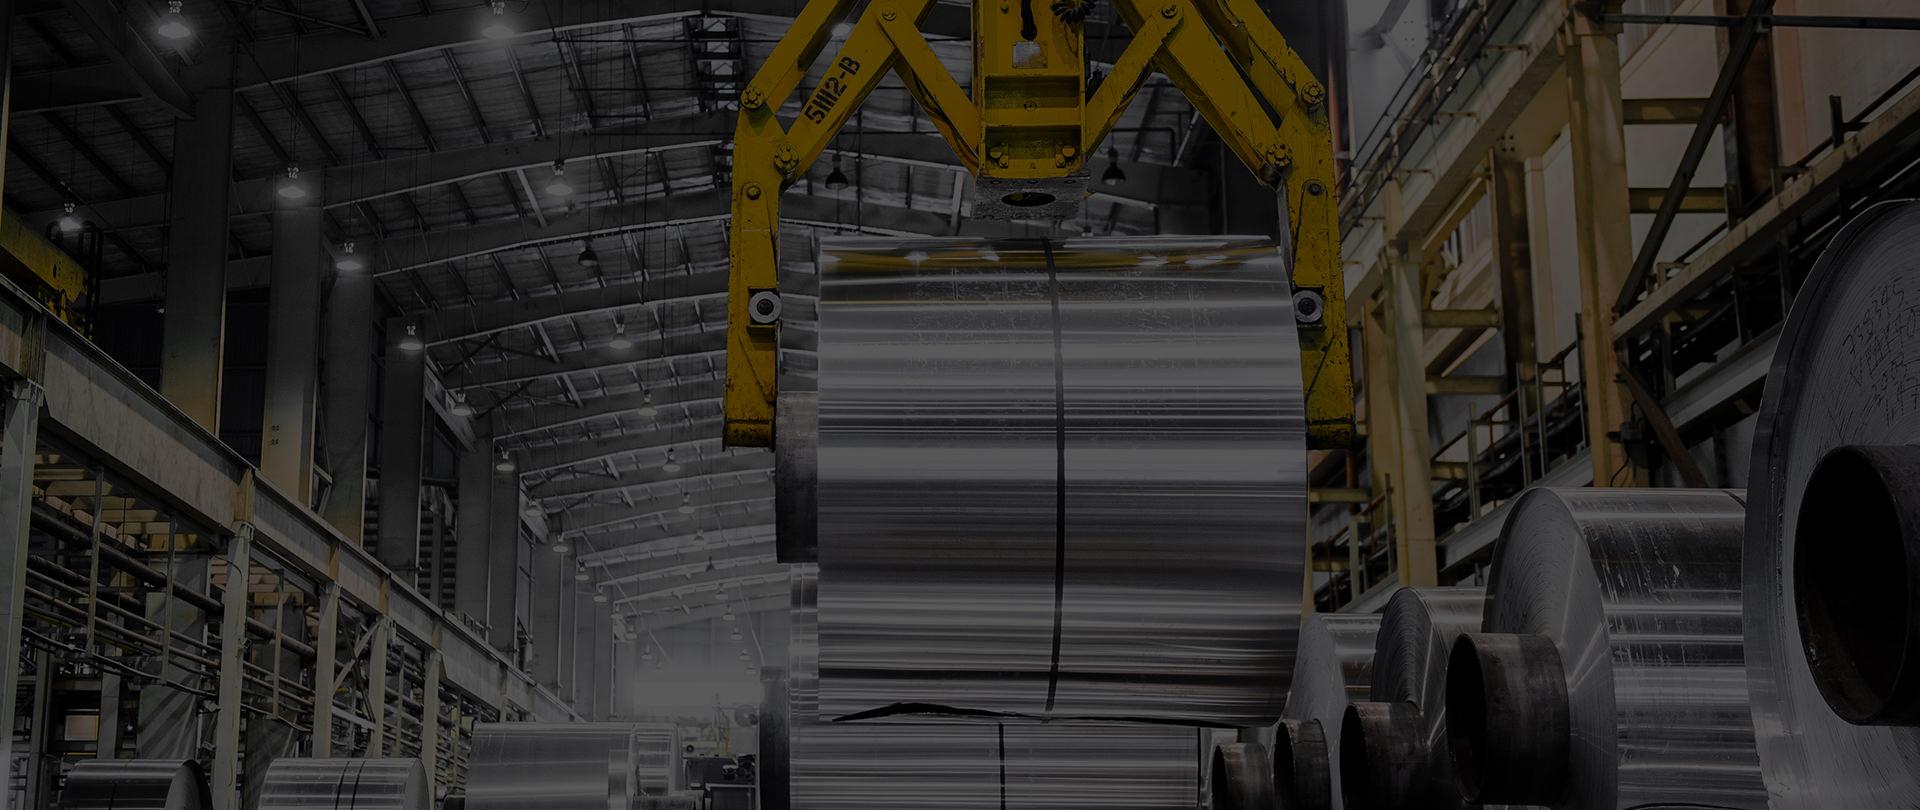 Aluminium Coils stacked neatly